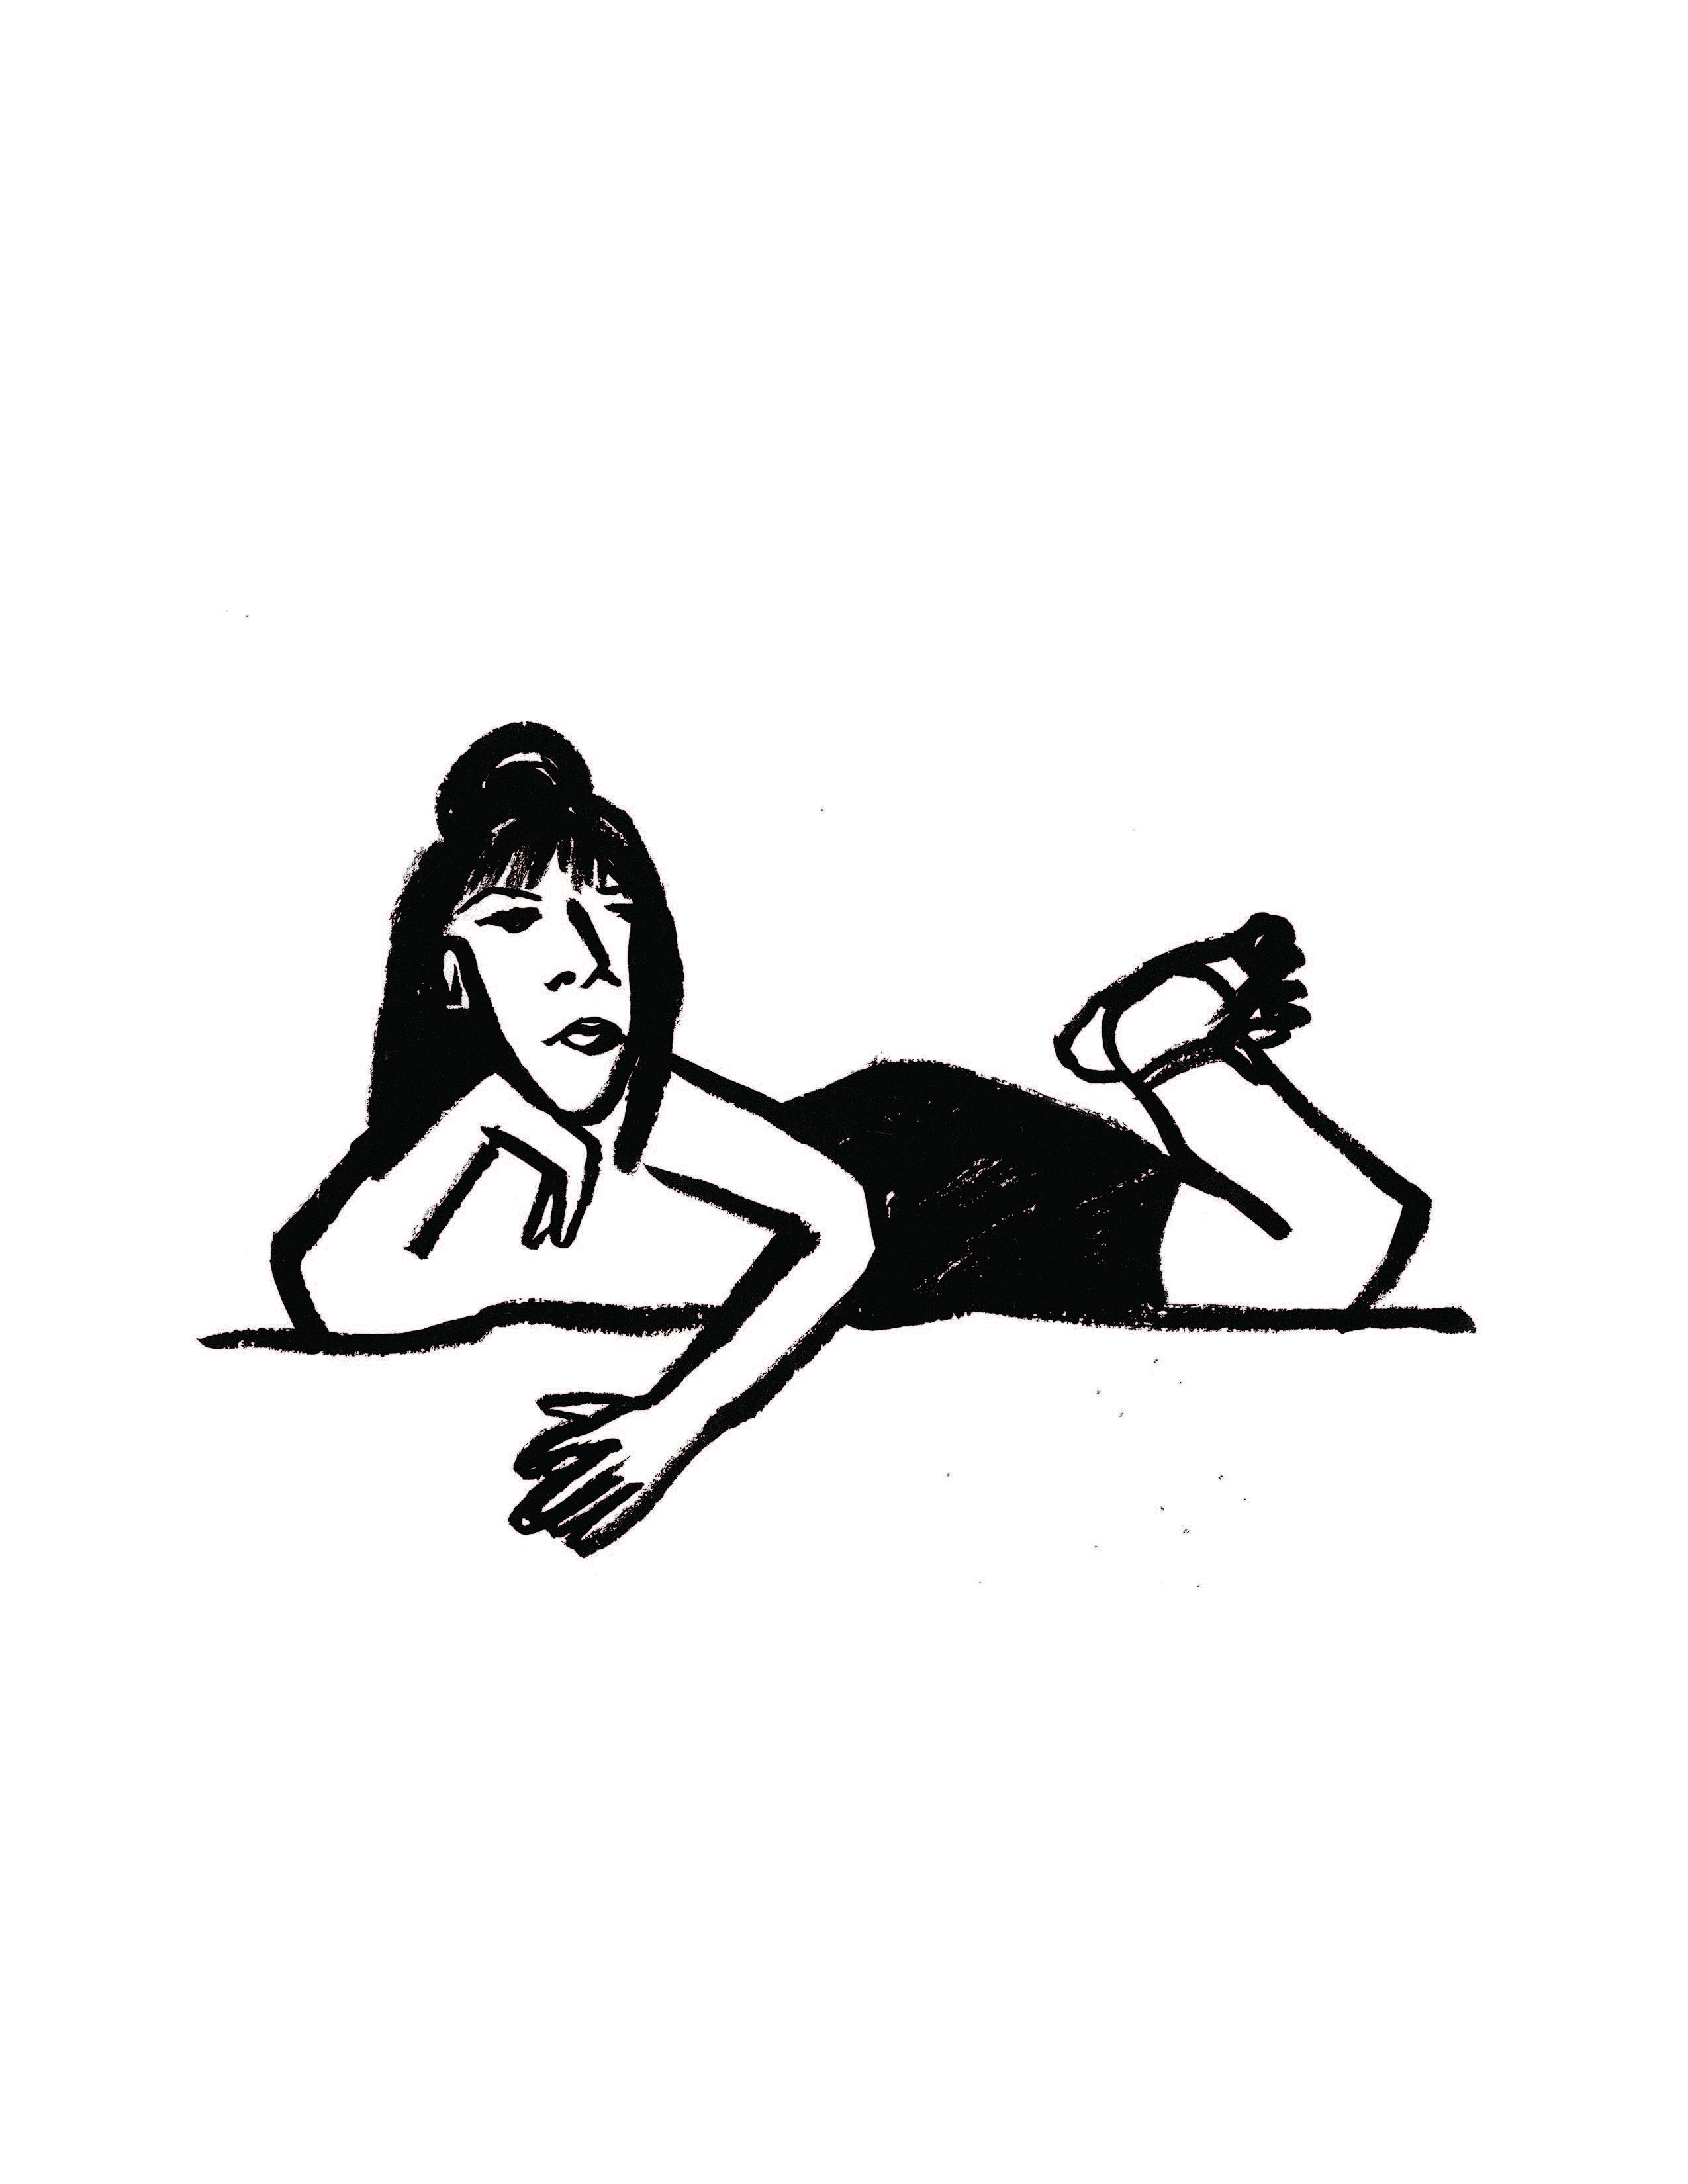 ladies_drawings_8.5x11_Page_22